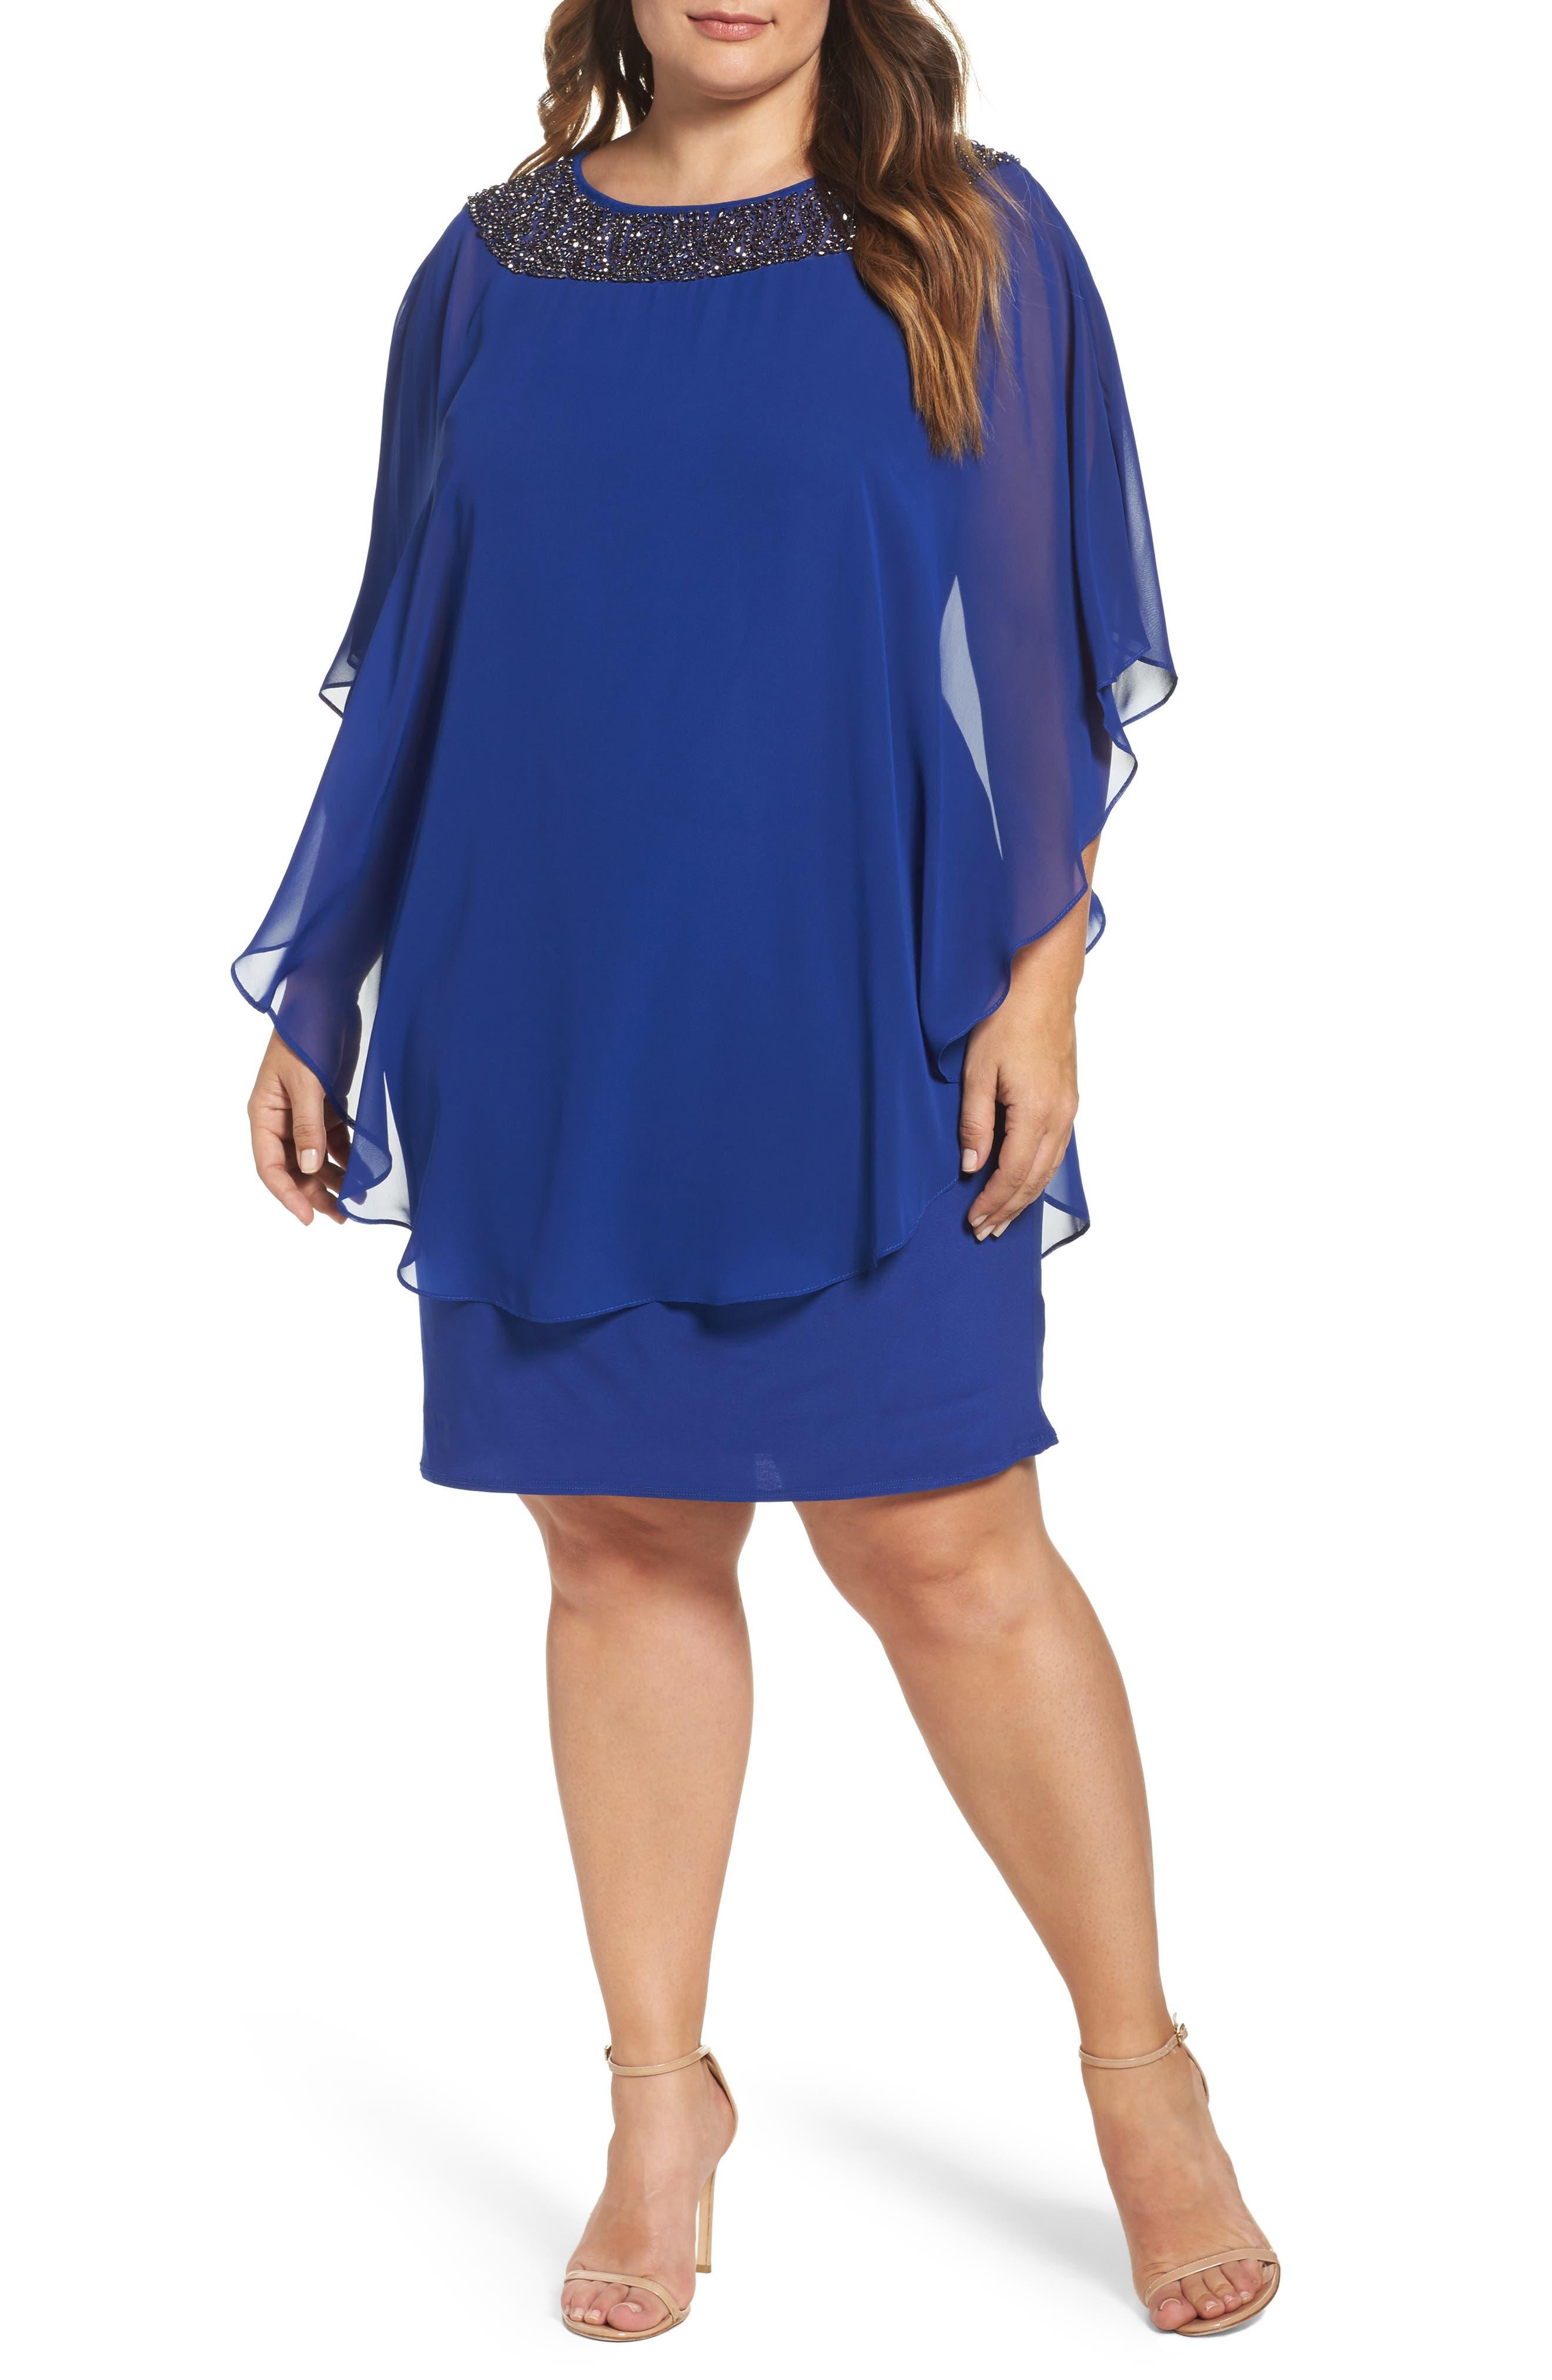 Xscape Embellished Chiffon Overlay Jersey Sheath Dress (Plus Size)